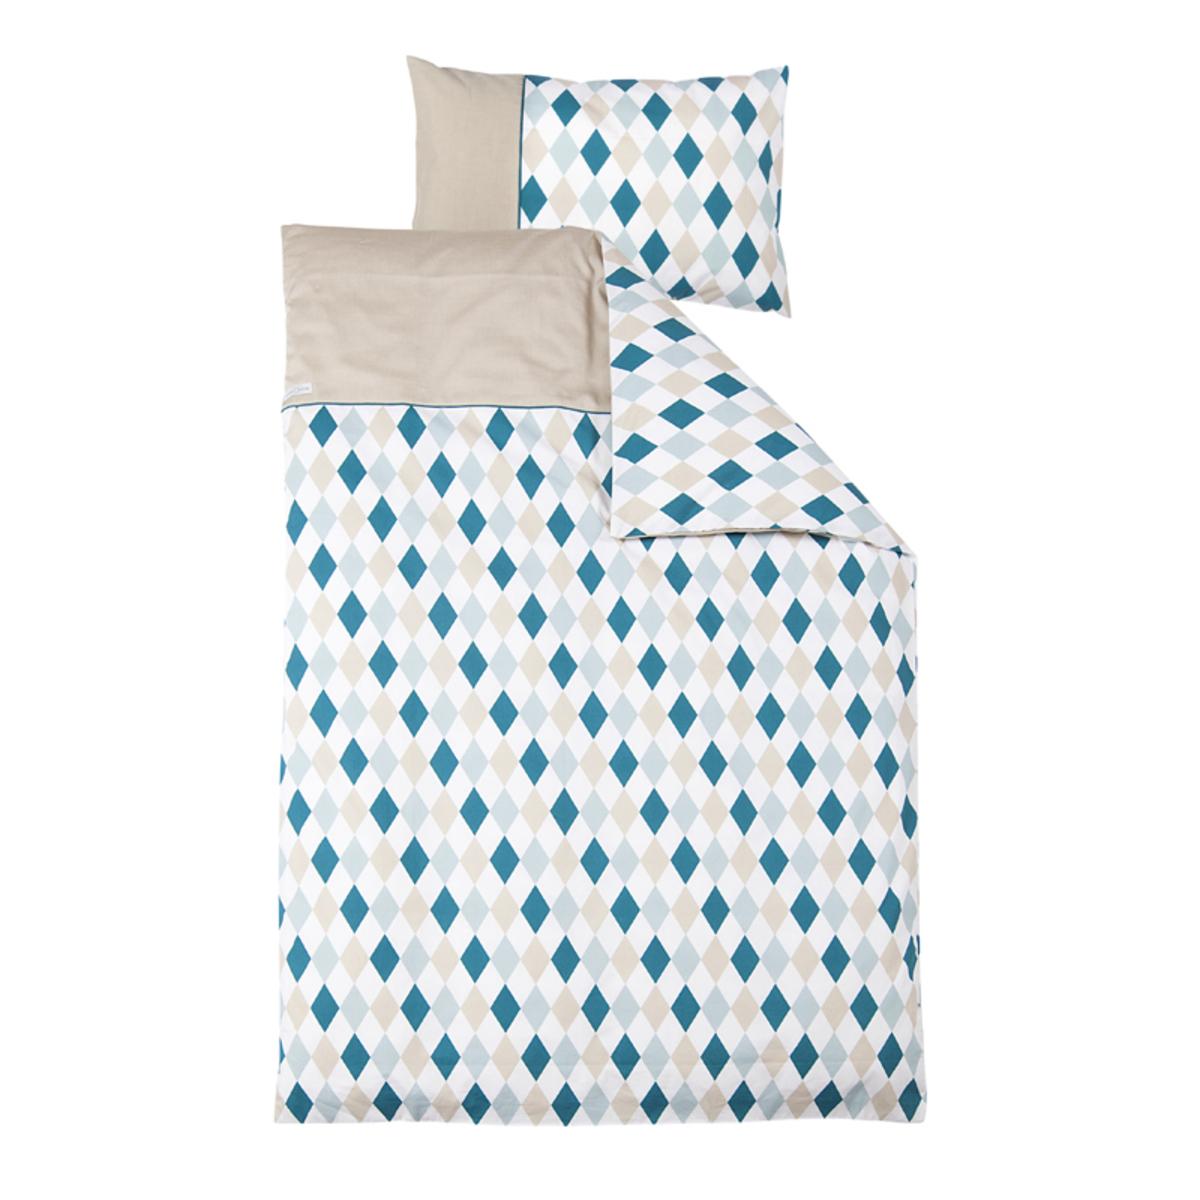 housse de couette junior et taie d 39 oreiller 120 x 150 cm lozenge mint beige 0698 ld achat. Black Bedroom Furniture Sets. Home Design Ideas